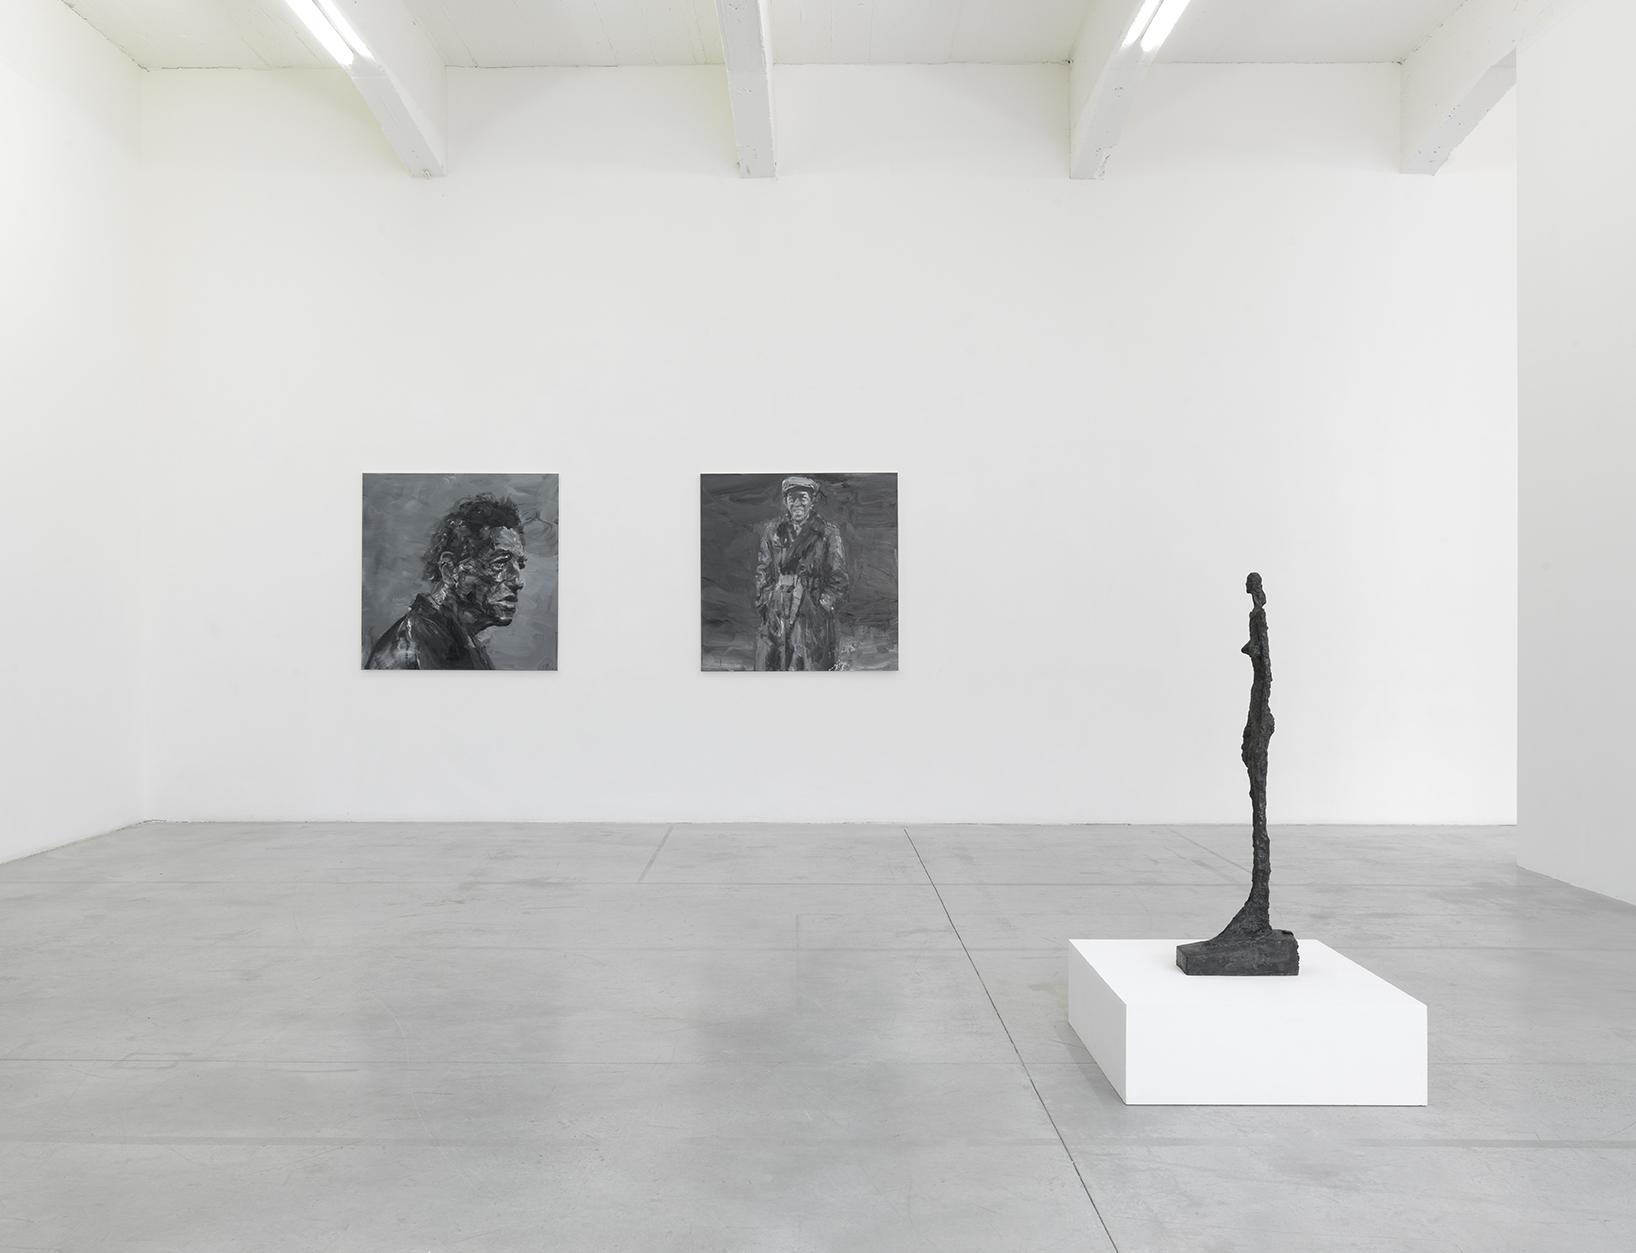 Yan Pei-Ming. Alberto Giacometti 2017. L'unique portrait-On Kawara 2017. A. Giacometti Femme de VeniseV 1956. Centre POmpidou (Photo André Morin)